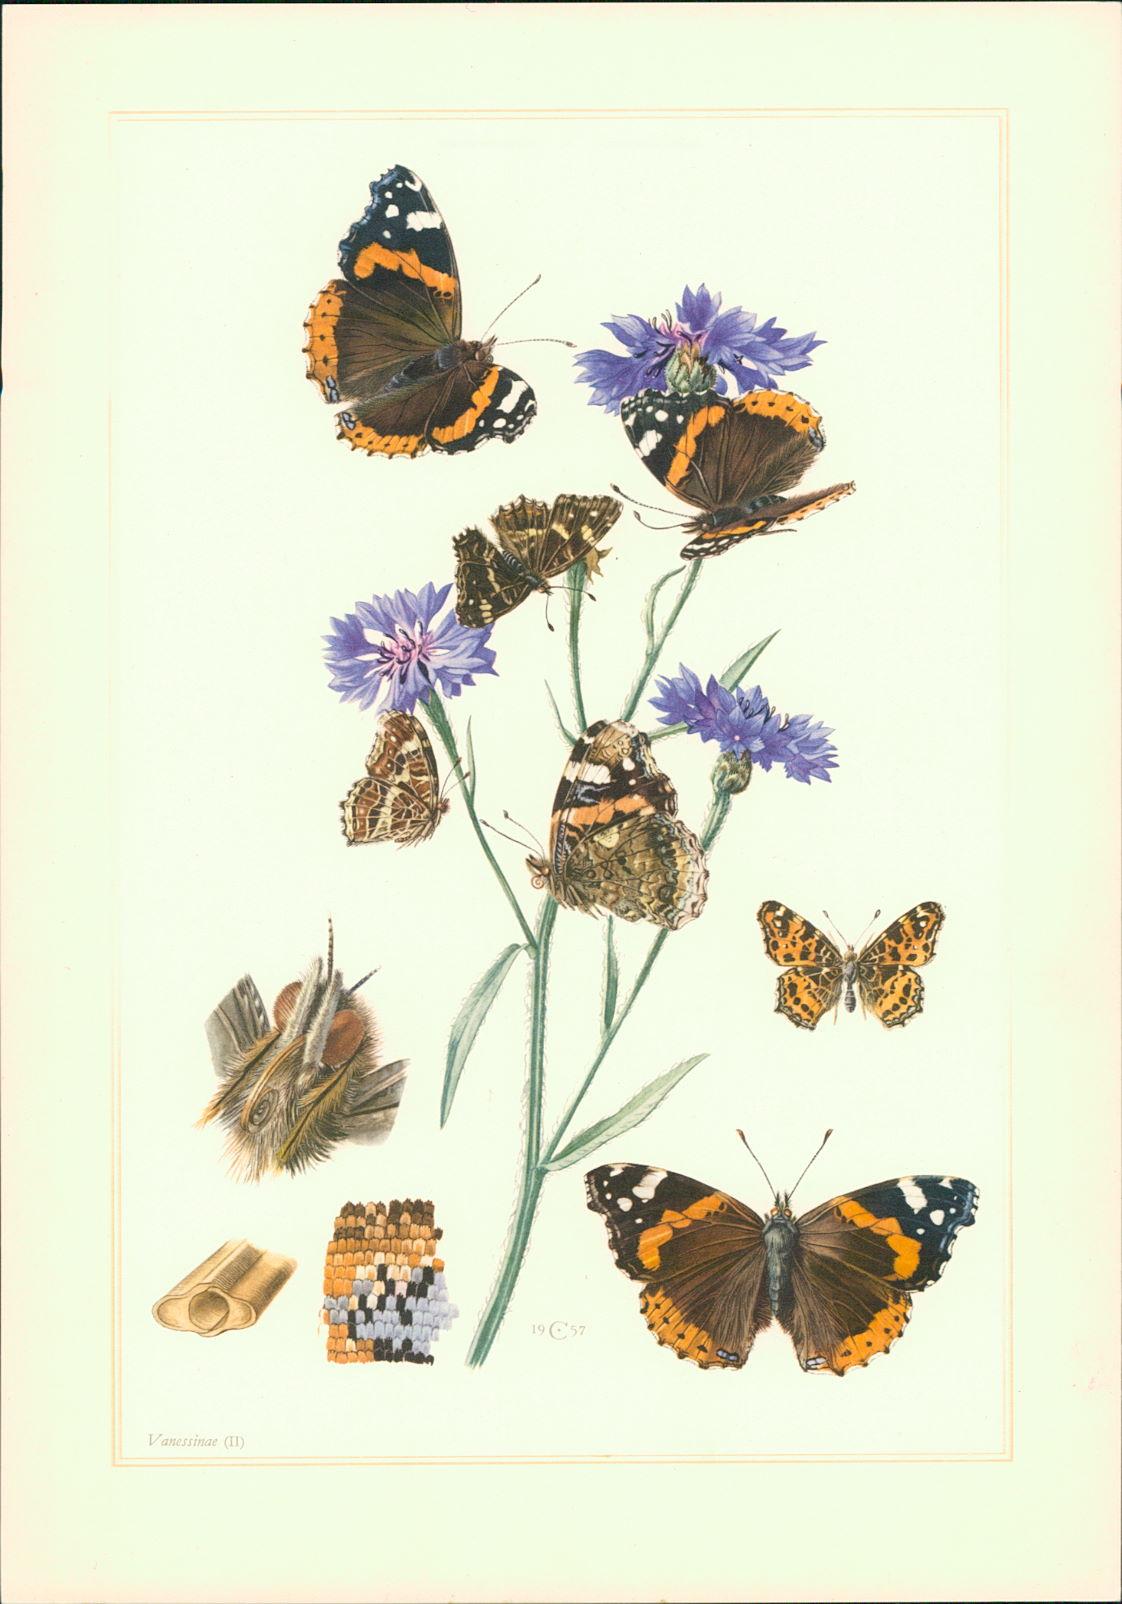 Caspari, Claus: Kunstdruck - Offsetdruck. Schmetterling. Fleckenfalter. Admiral (Vanessa (= Pyrameis) atalanta l.). Landkärtchen (Araschnia levana l.). Farboffsetdruck.